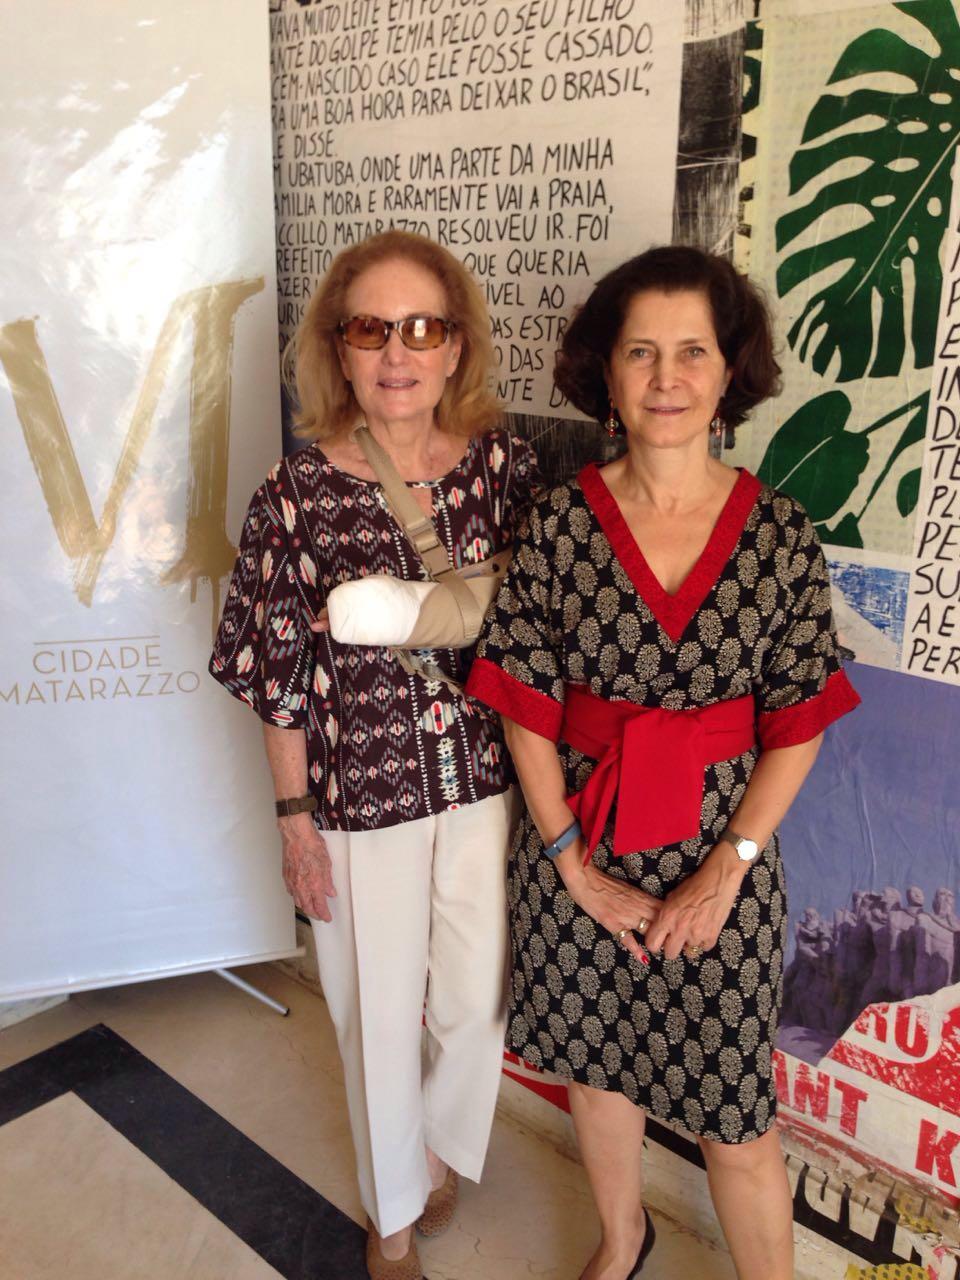 Carola e Tereza na Cidade Matarazzo